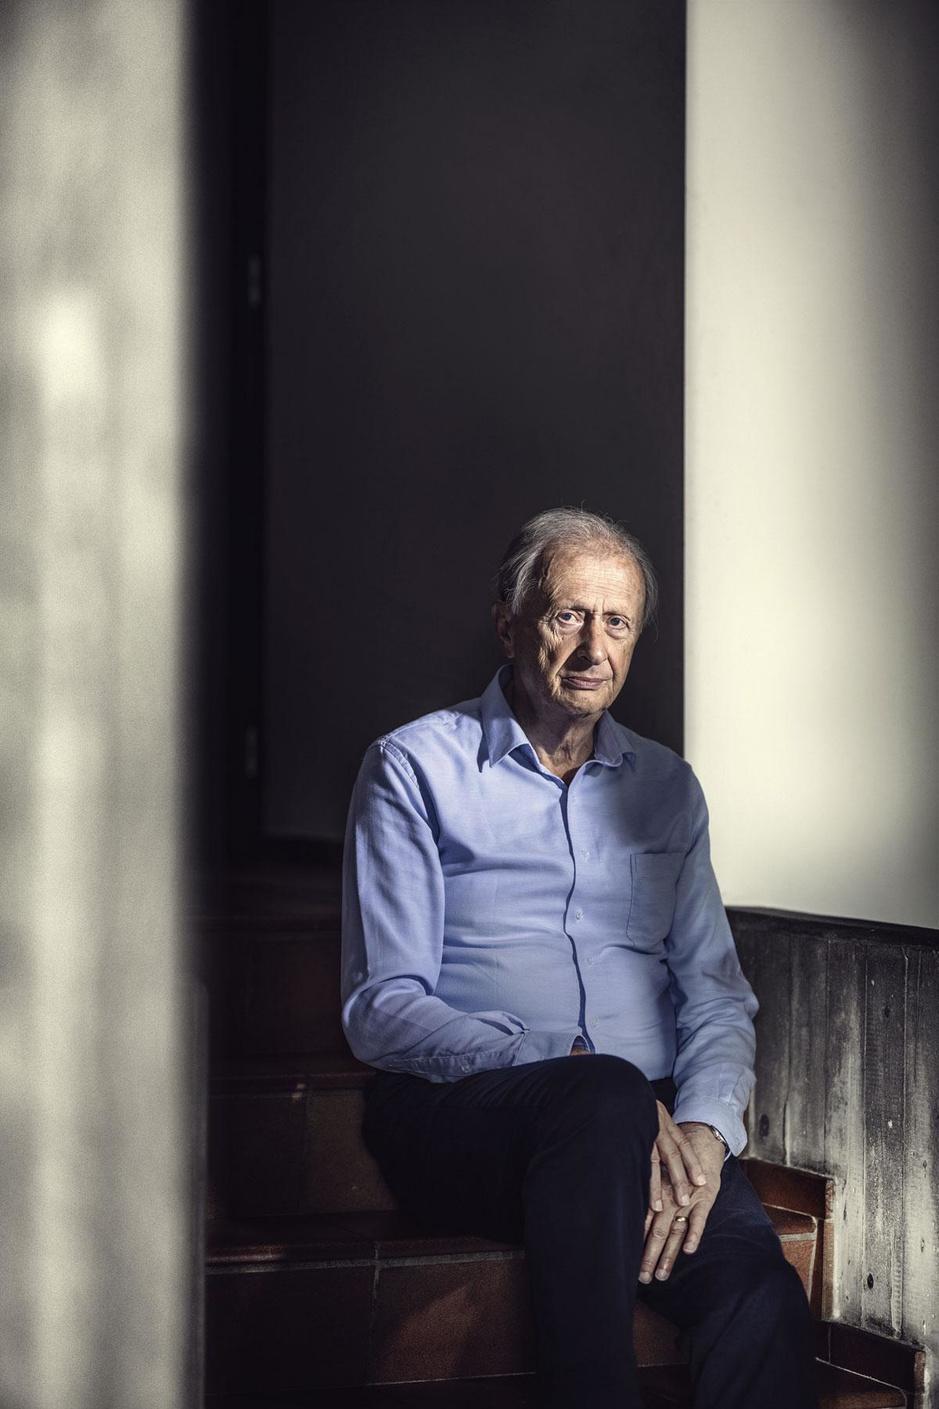 Seksuoloog en relatietherapeut  Alfons Vansteenwegen: 'Stop ouderen niet weg in fabrieken'